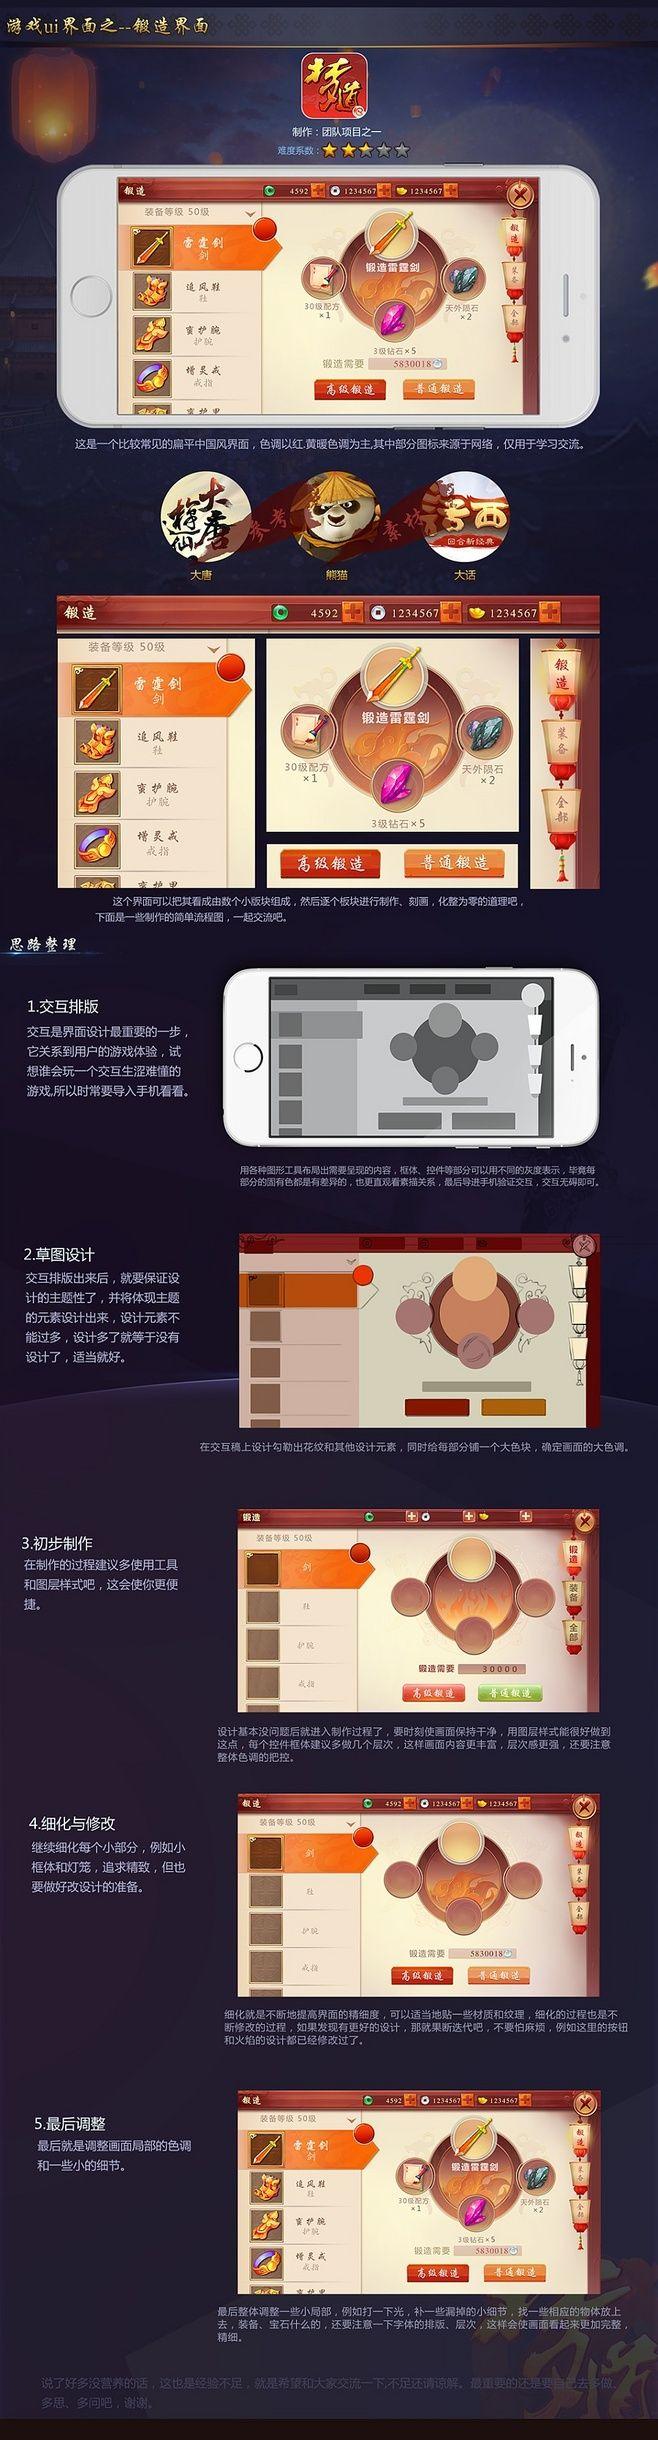 原创作品:08级原创游戏UI之界面项目训...@❤风吹假发飞采集到界面(65图)_花瓣